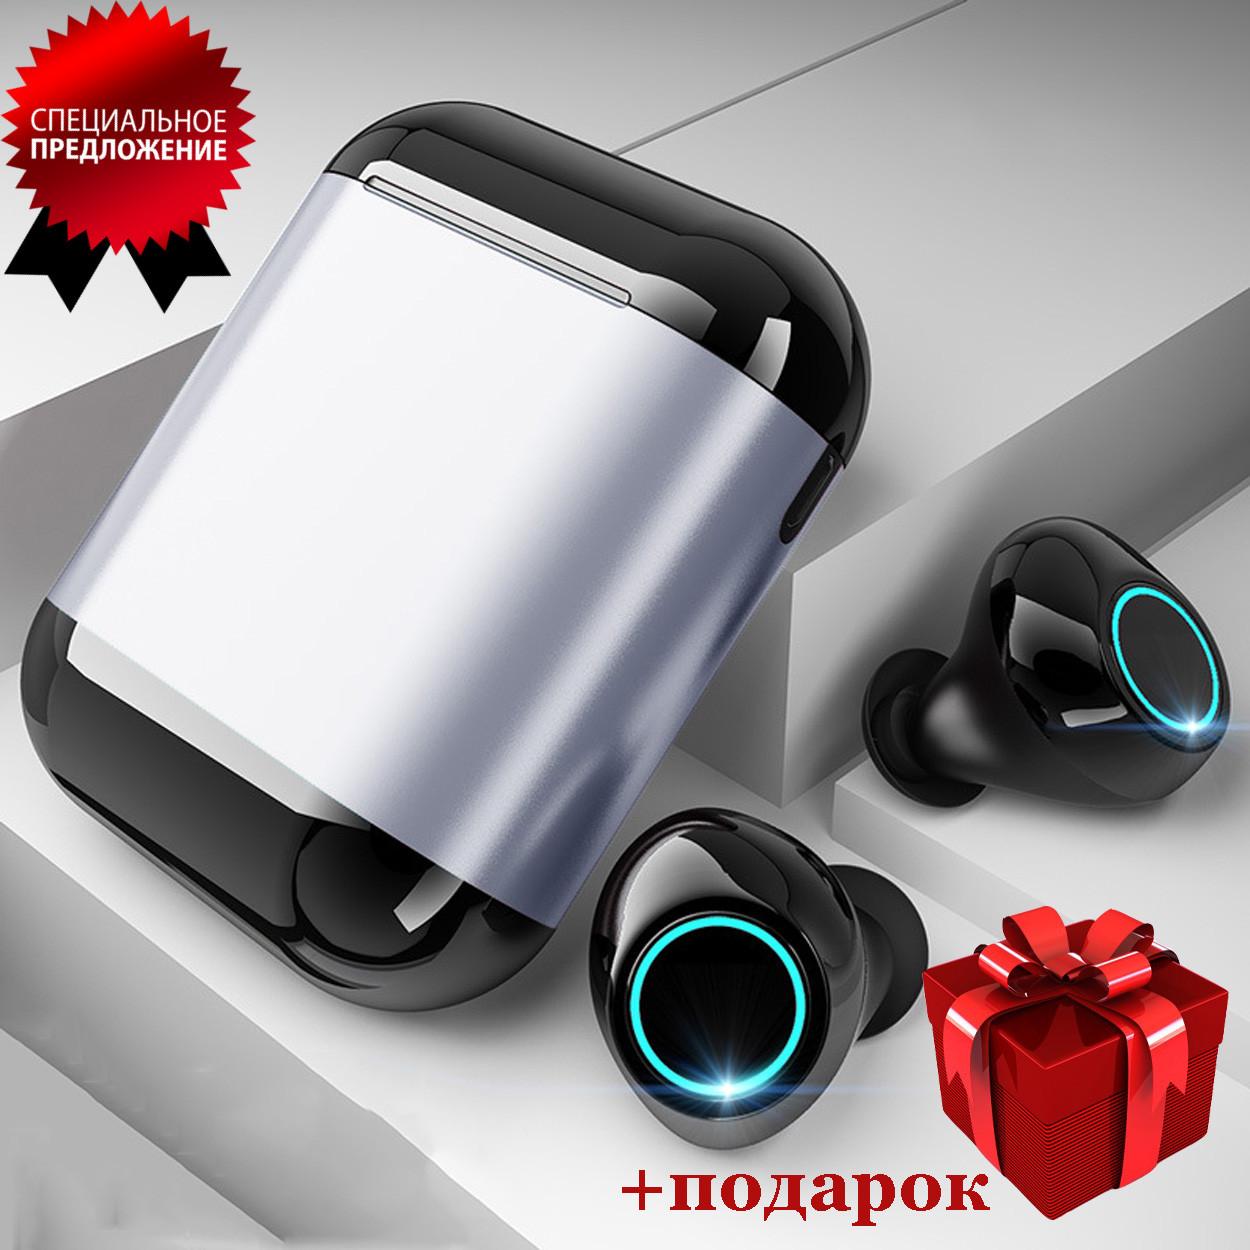 Wi-pods S7 Bluetooth наушники беспроводные водонепроницаемые с зарядным чехлом-кейсом. Металлик Оригинал